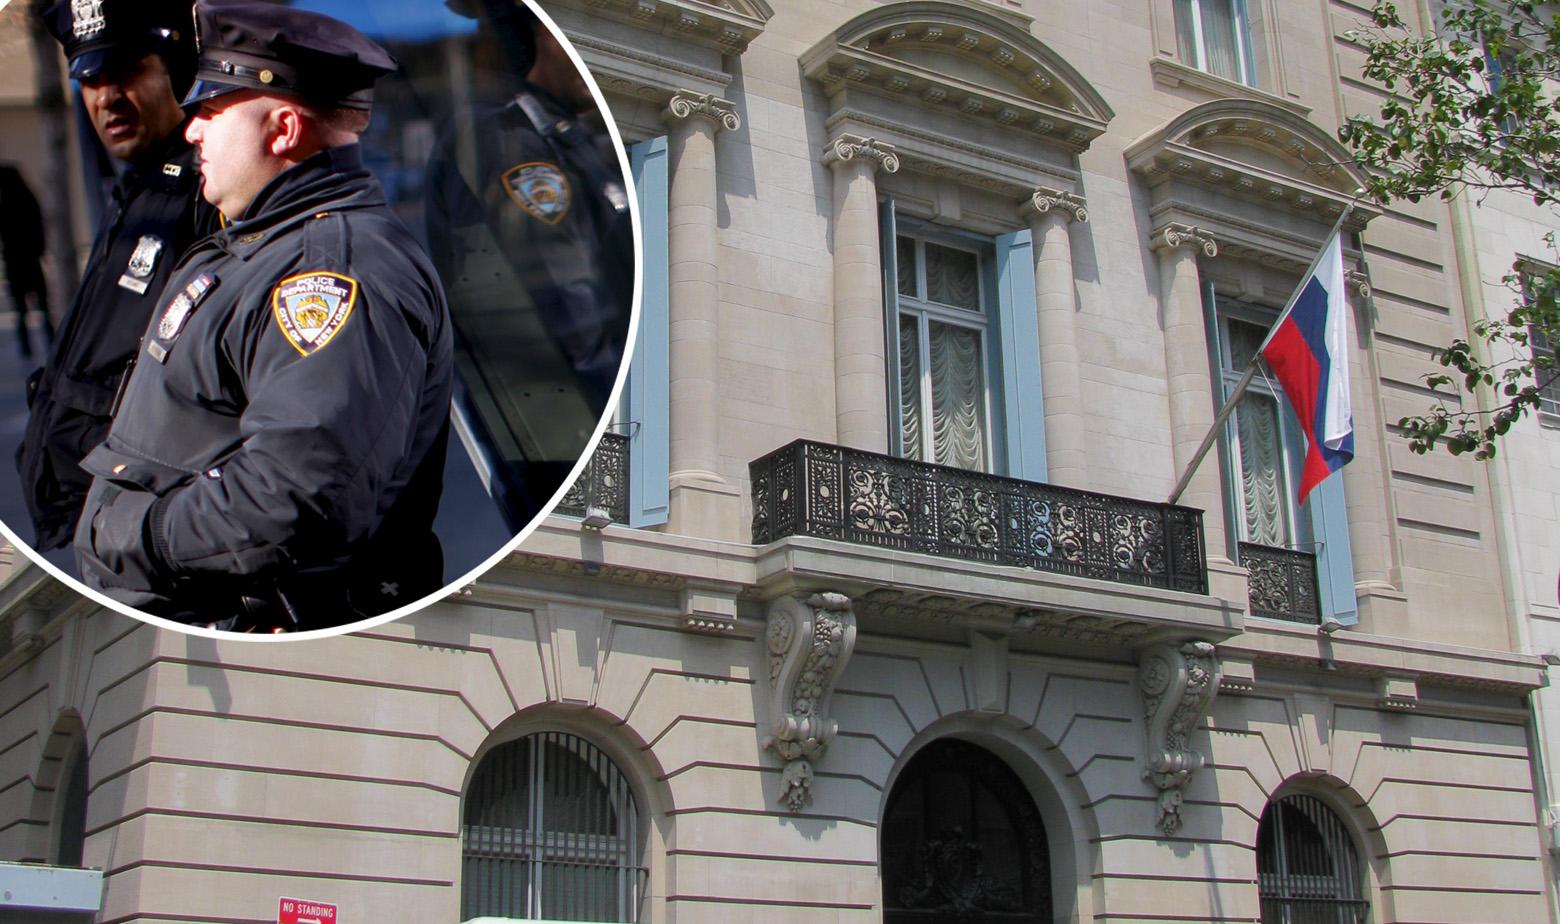 Zgrada ruskog konzulata u New Yorku i njujorška policija u krugu